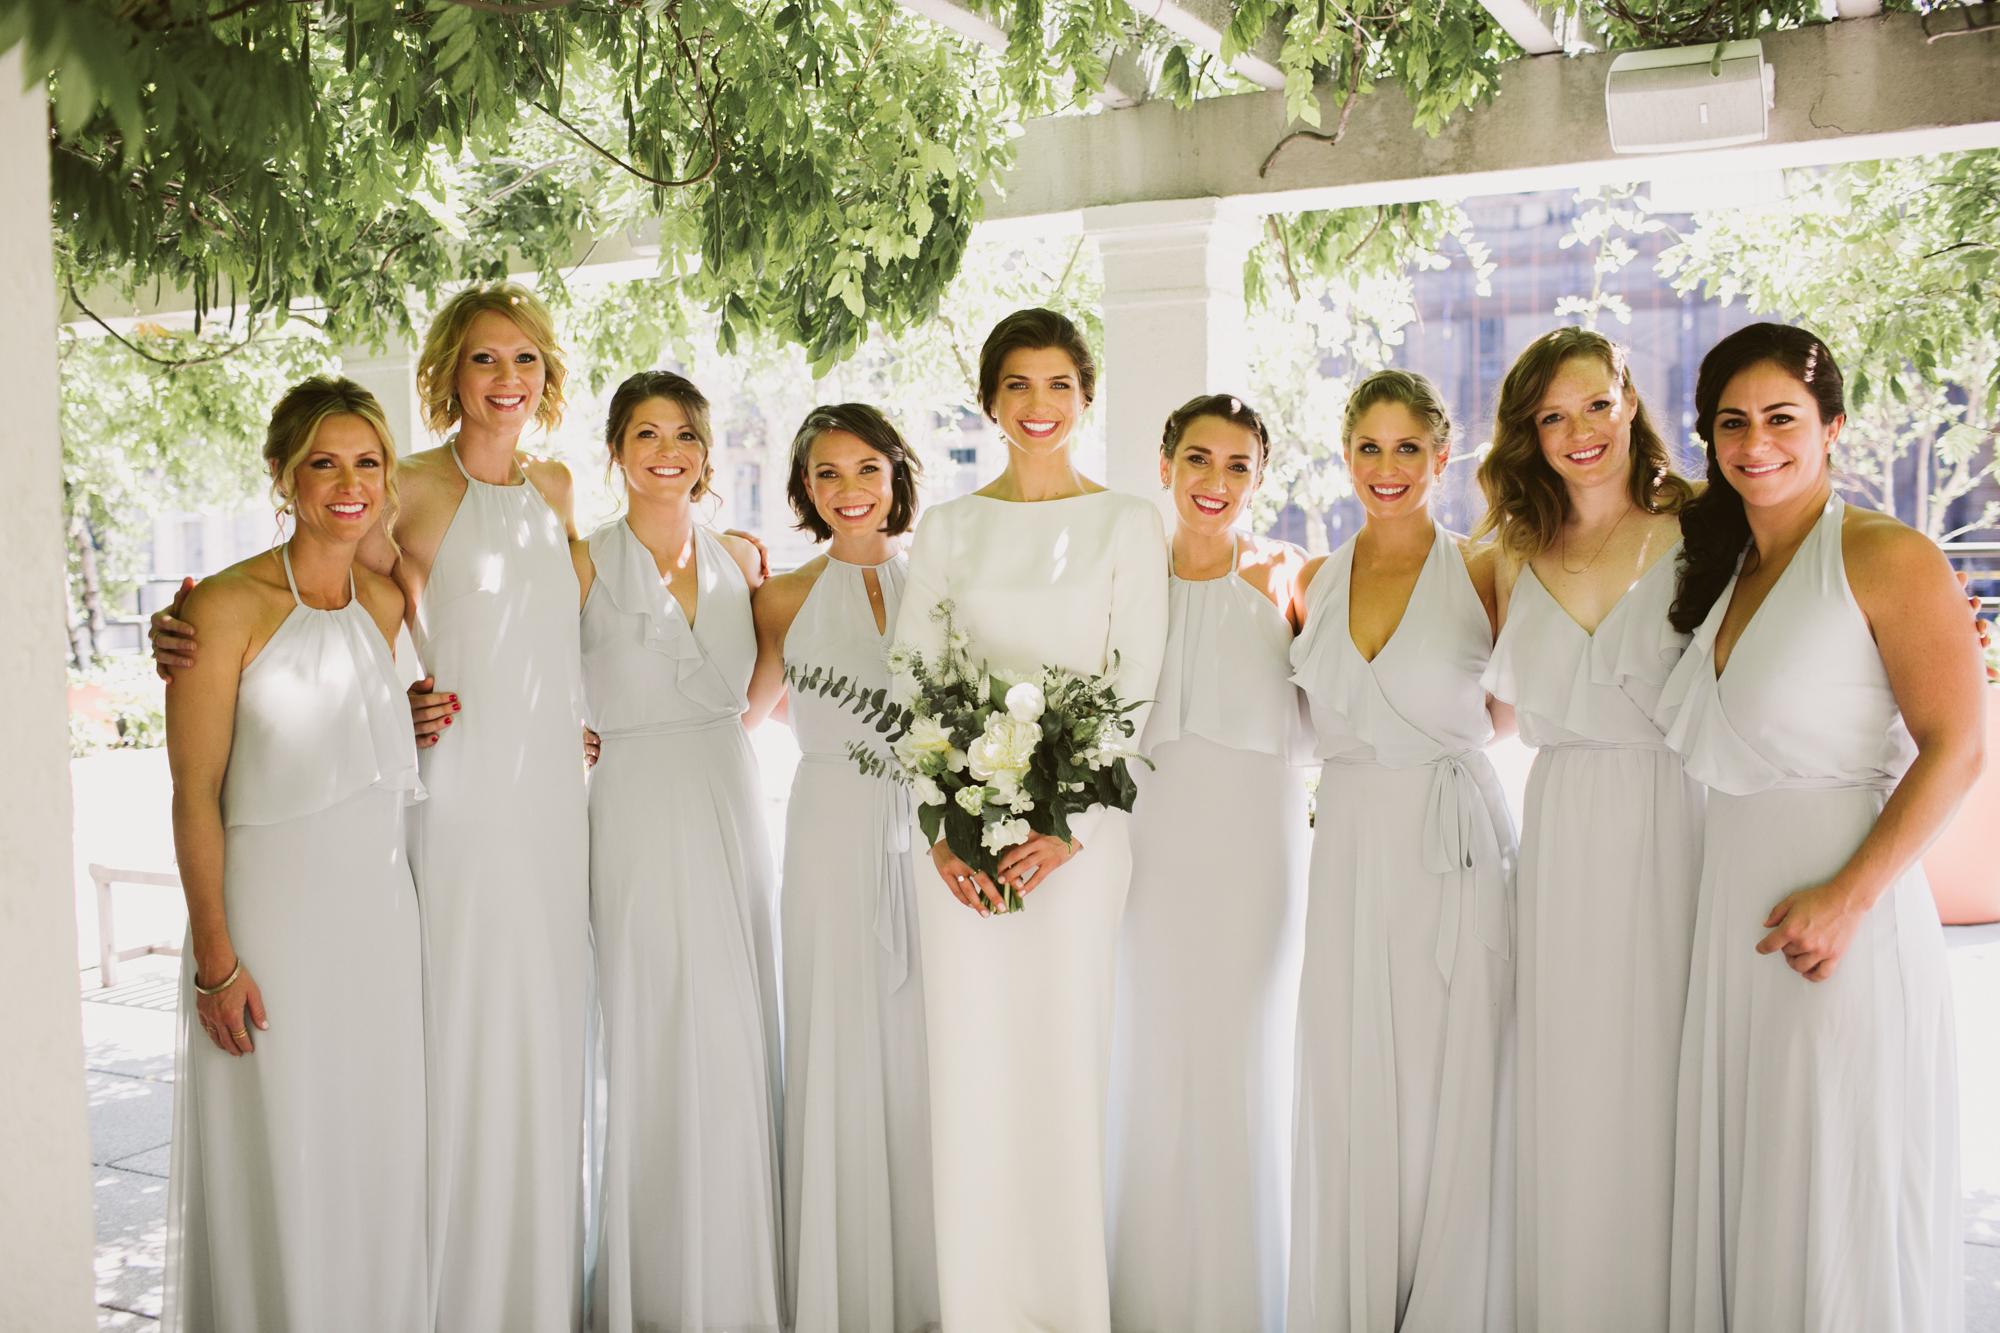 SA_WeddingParty-28.jpg